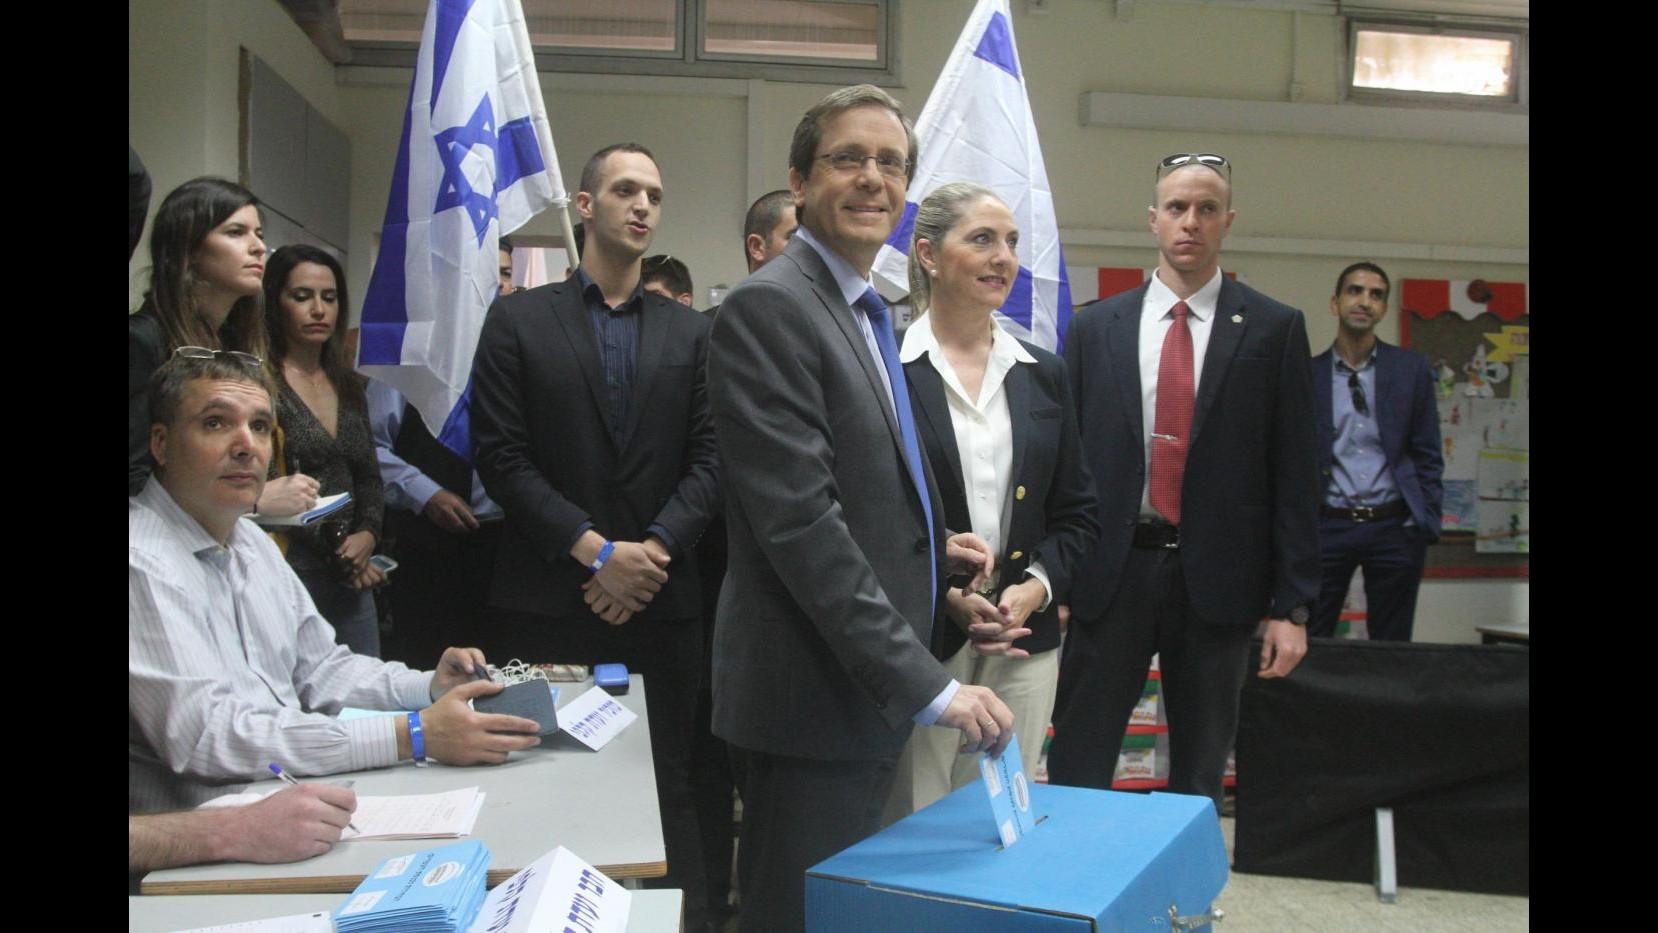 Israele, exit poll elezioni: è testa a testa tra Netanyahu ed Herzog